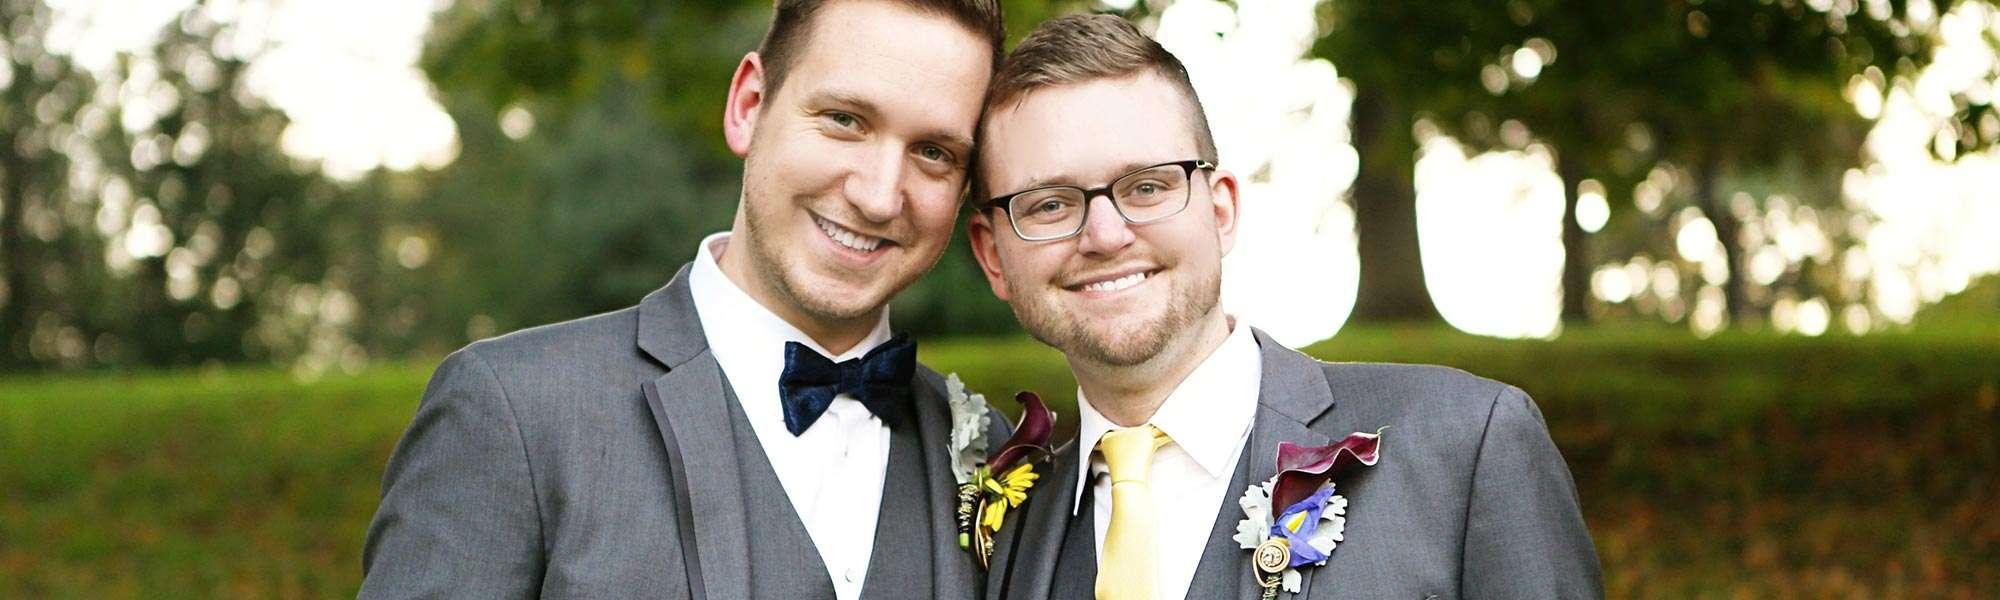 JD and Brandon's Wedding